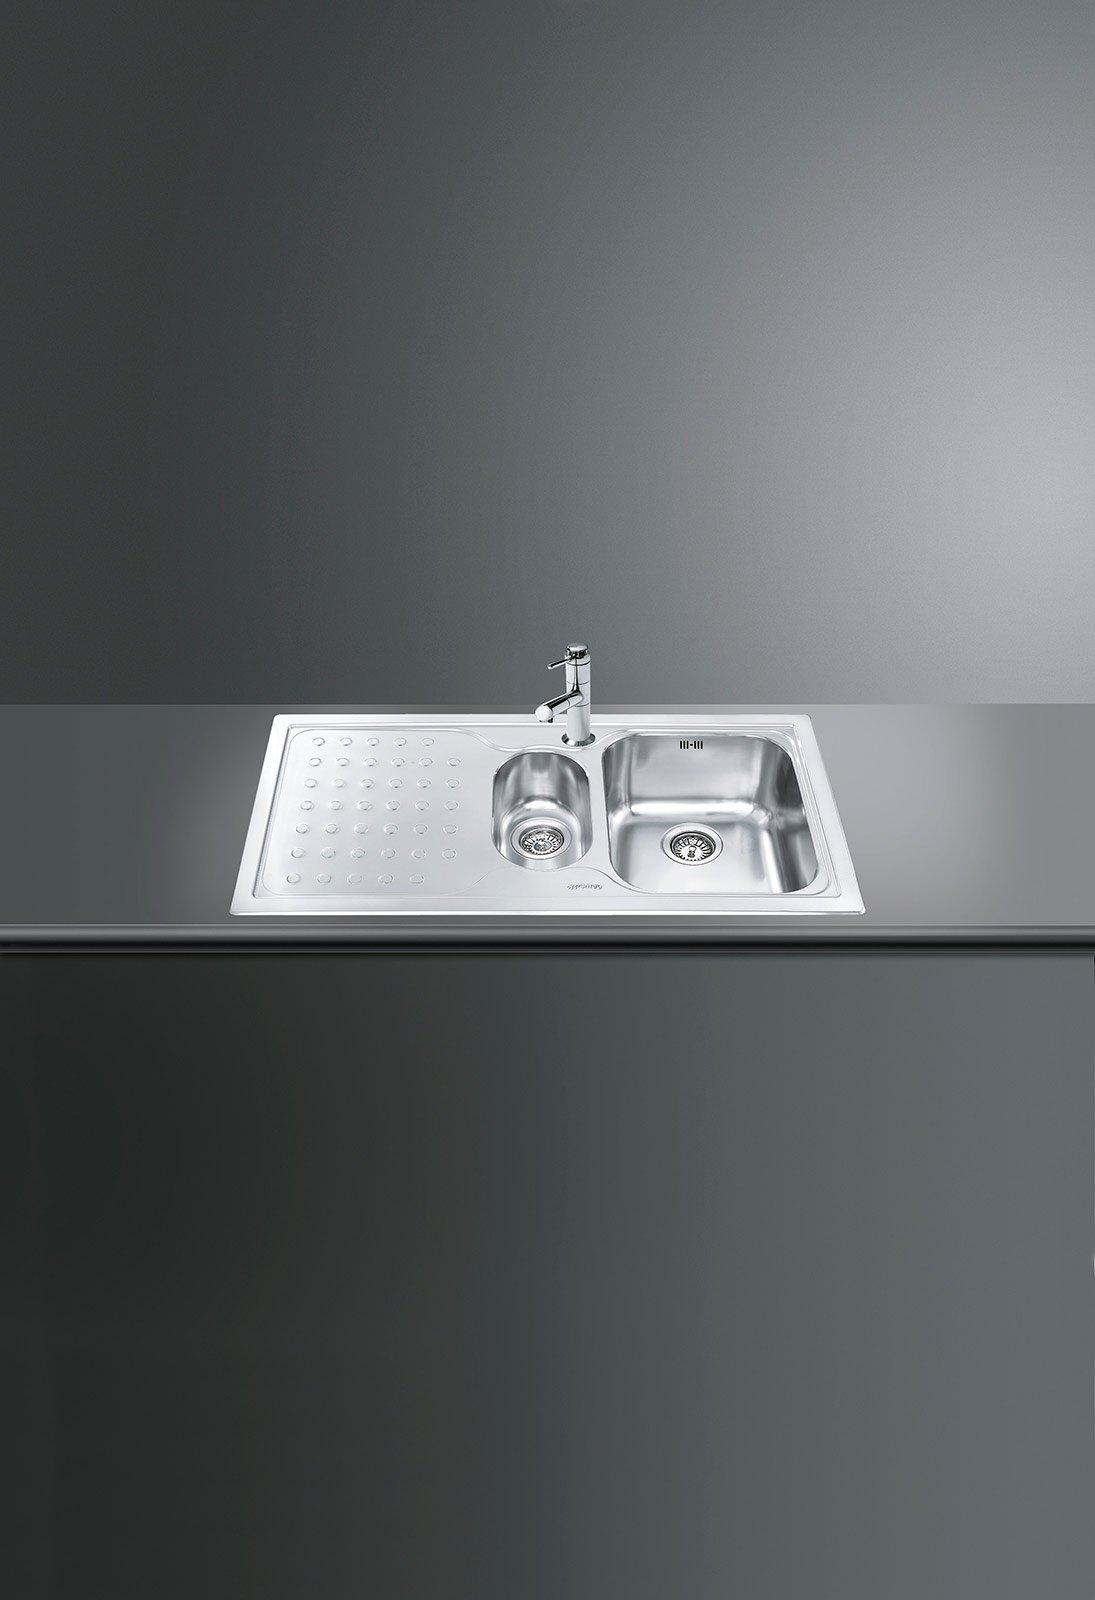 Lavello Cucina Smeg - Idee per la progettazione di ...